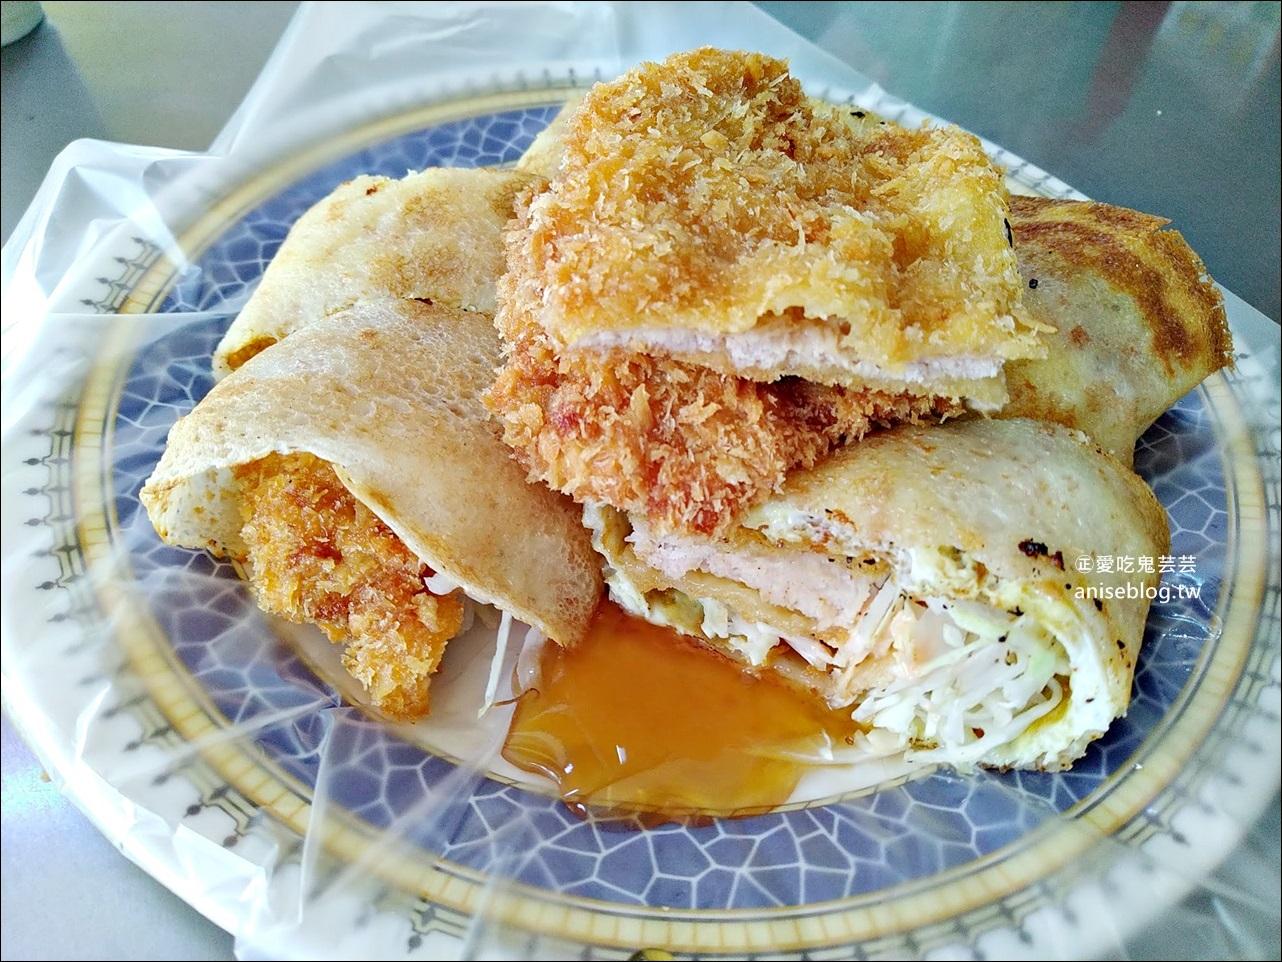 嘉義新生早點,峰炸蛋餅,比臉大豬排與胚芽蛋餅的美味組合,嘉義美食(姊姊食記)